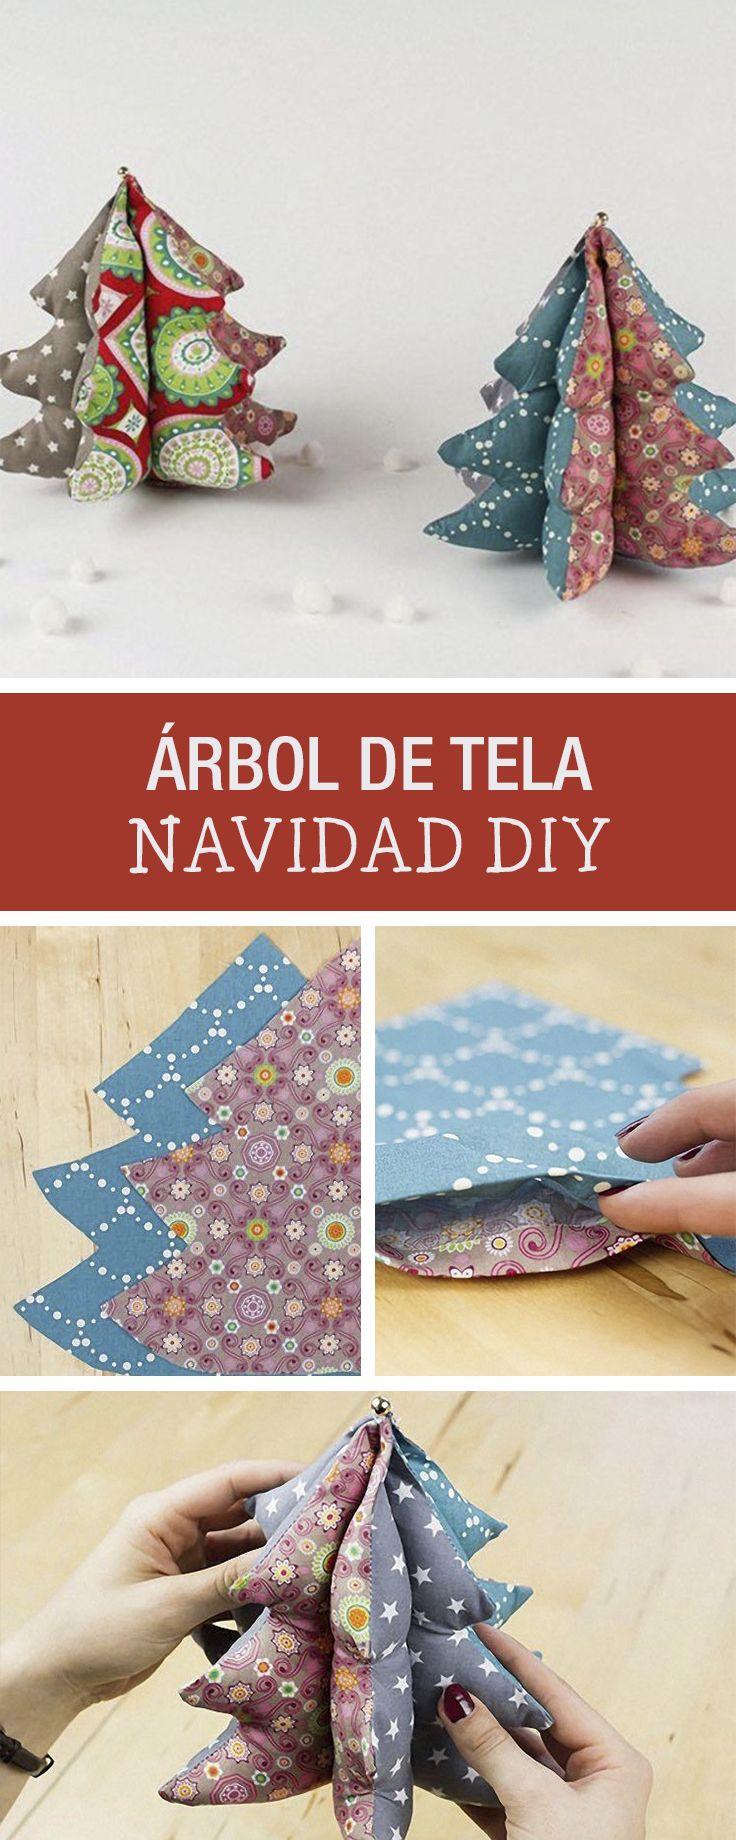 Tutorial DIY: Cómo hacer un árbol de Navidad de tela- Costura- Decoración navideña en DaWanda.es